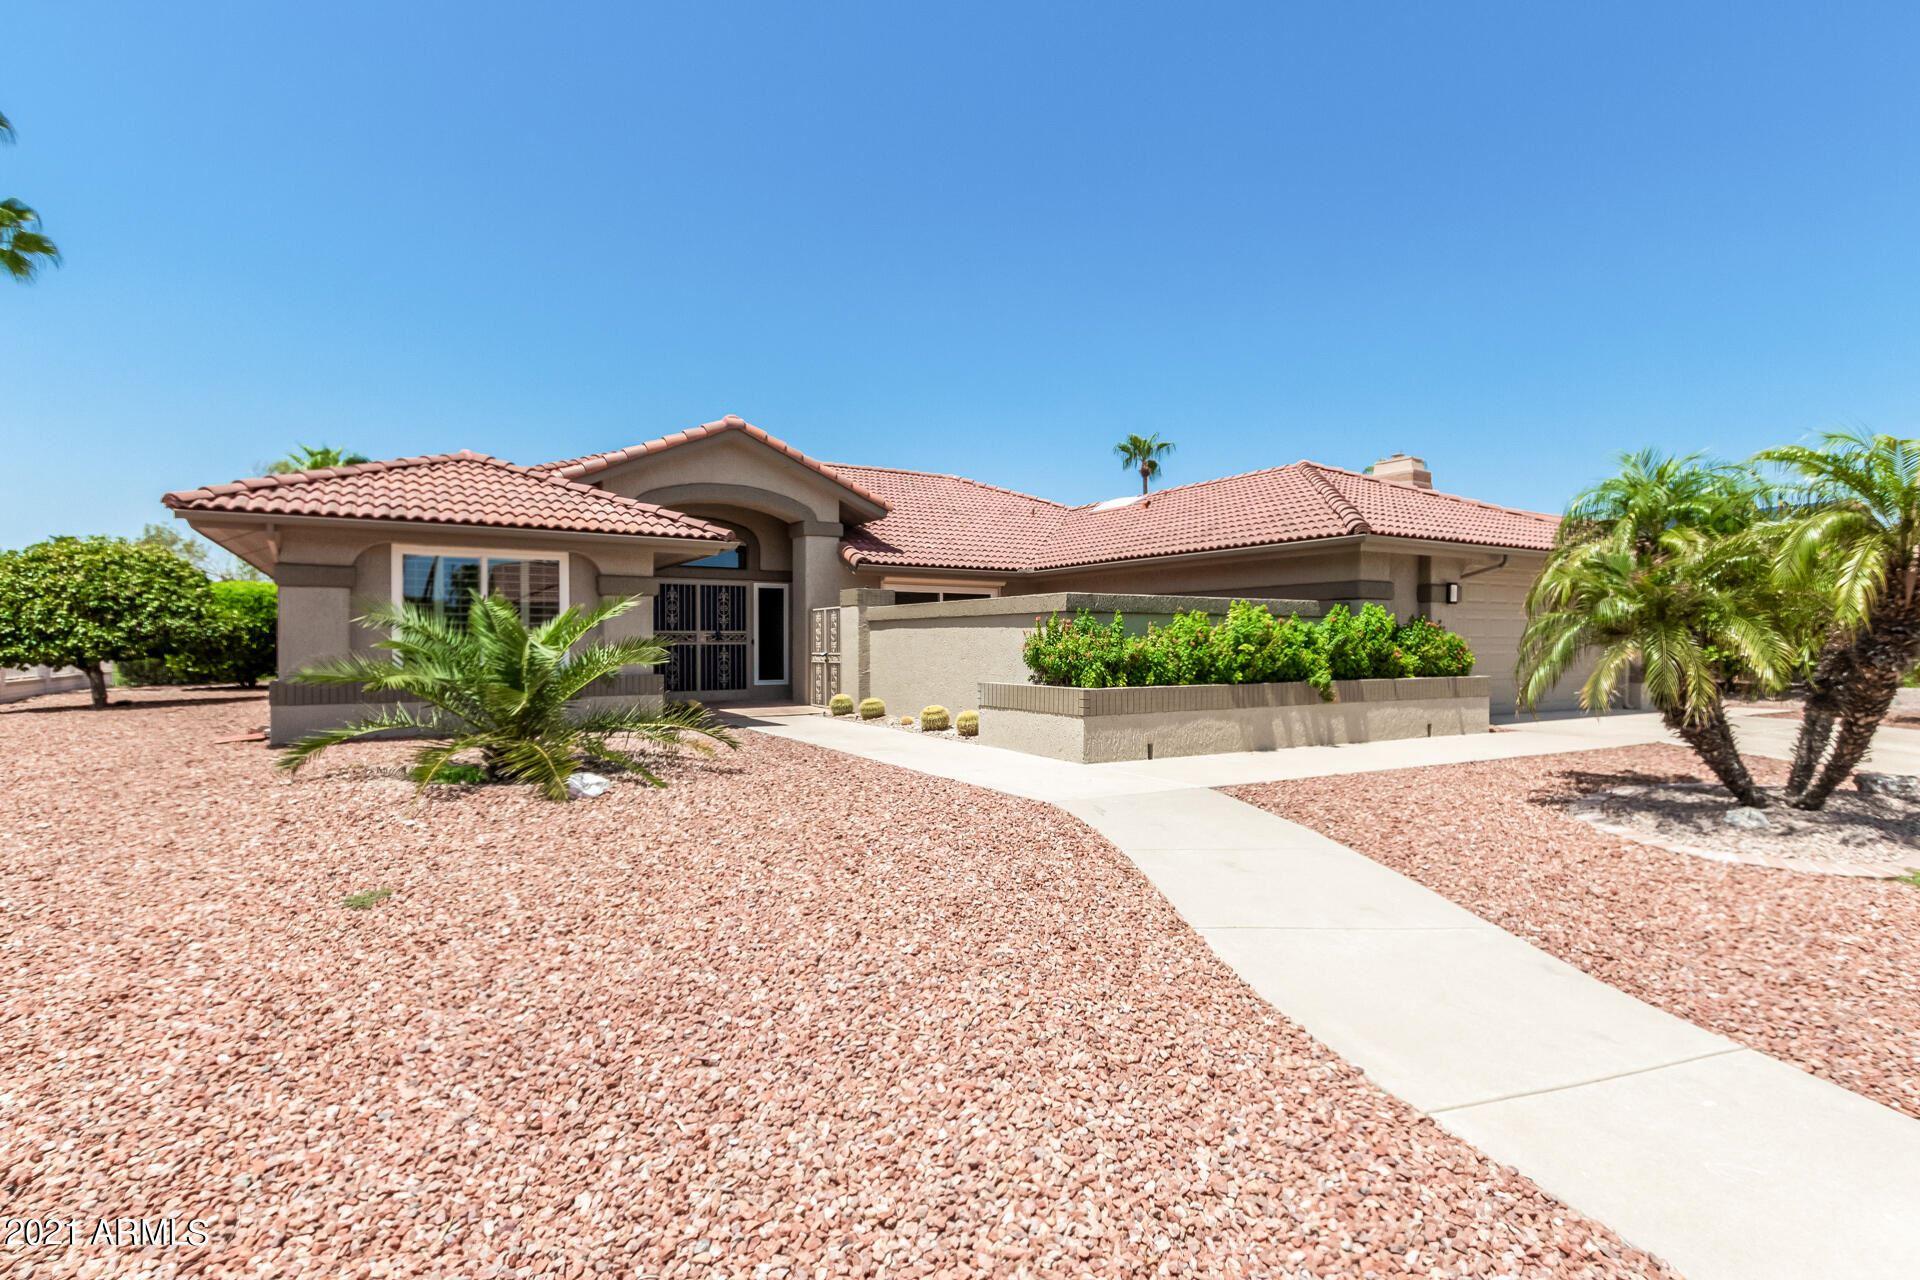 21018 N DESERT SANDS Drive, Sun City West, AZ 85375 - MLS#: 6221084